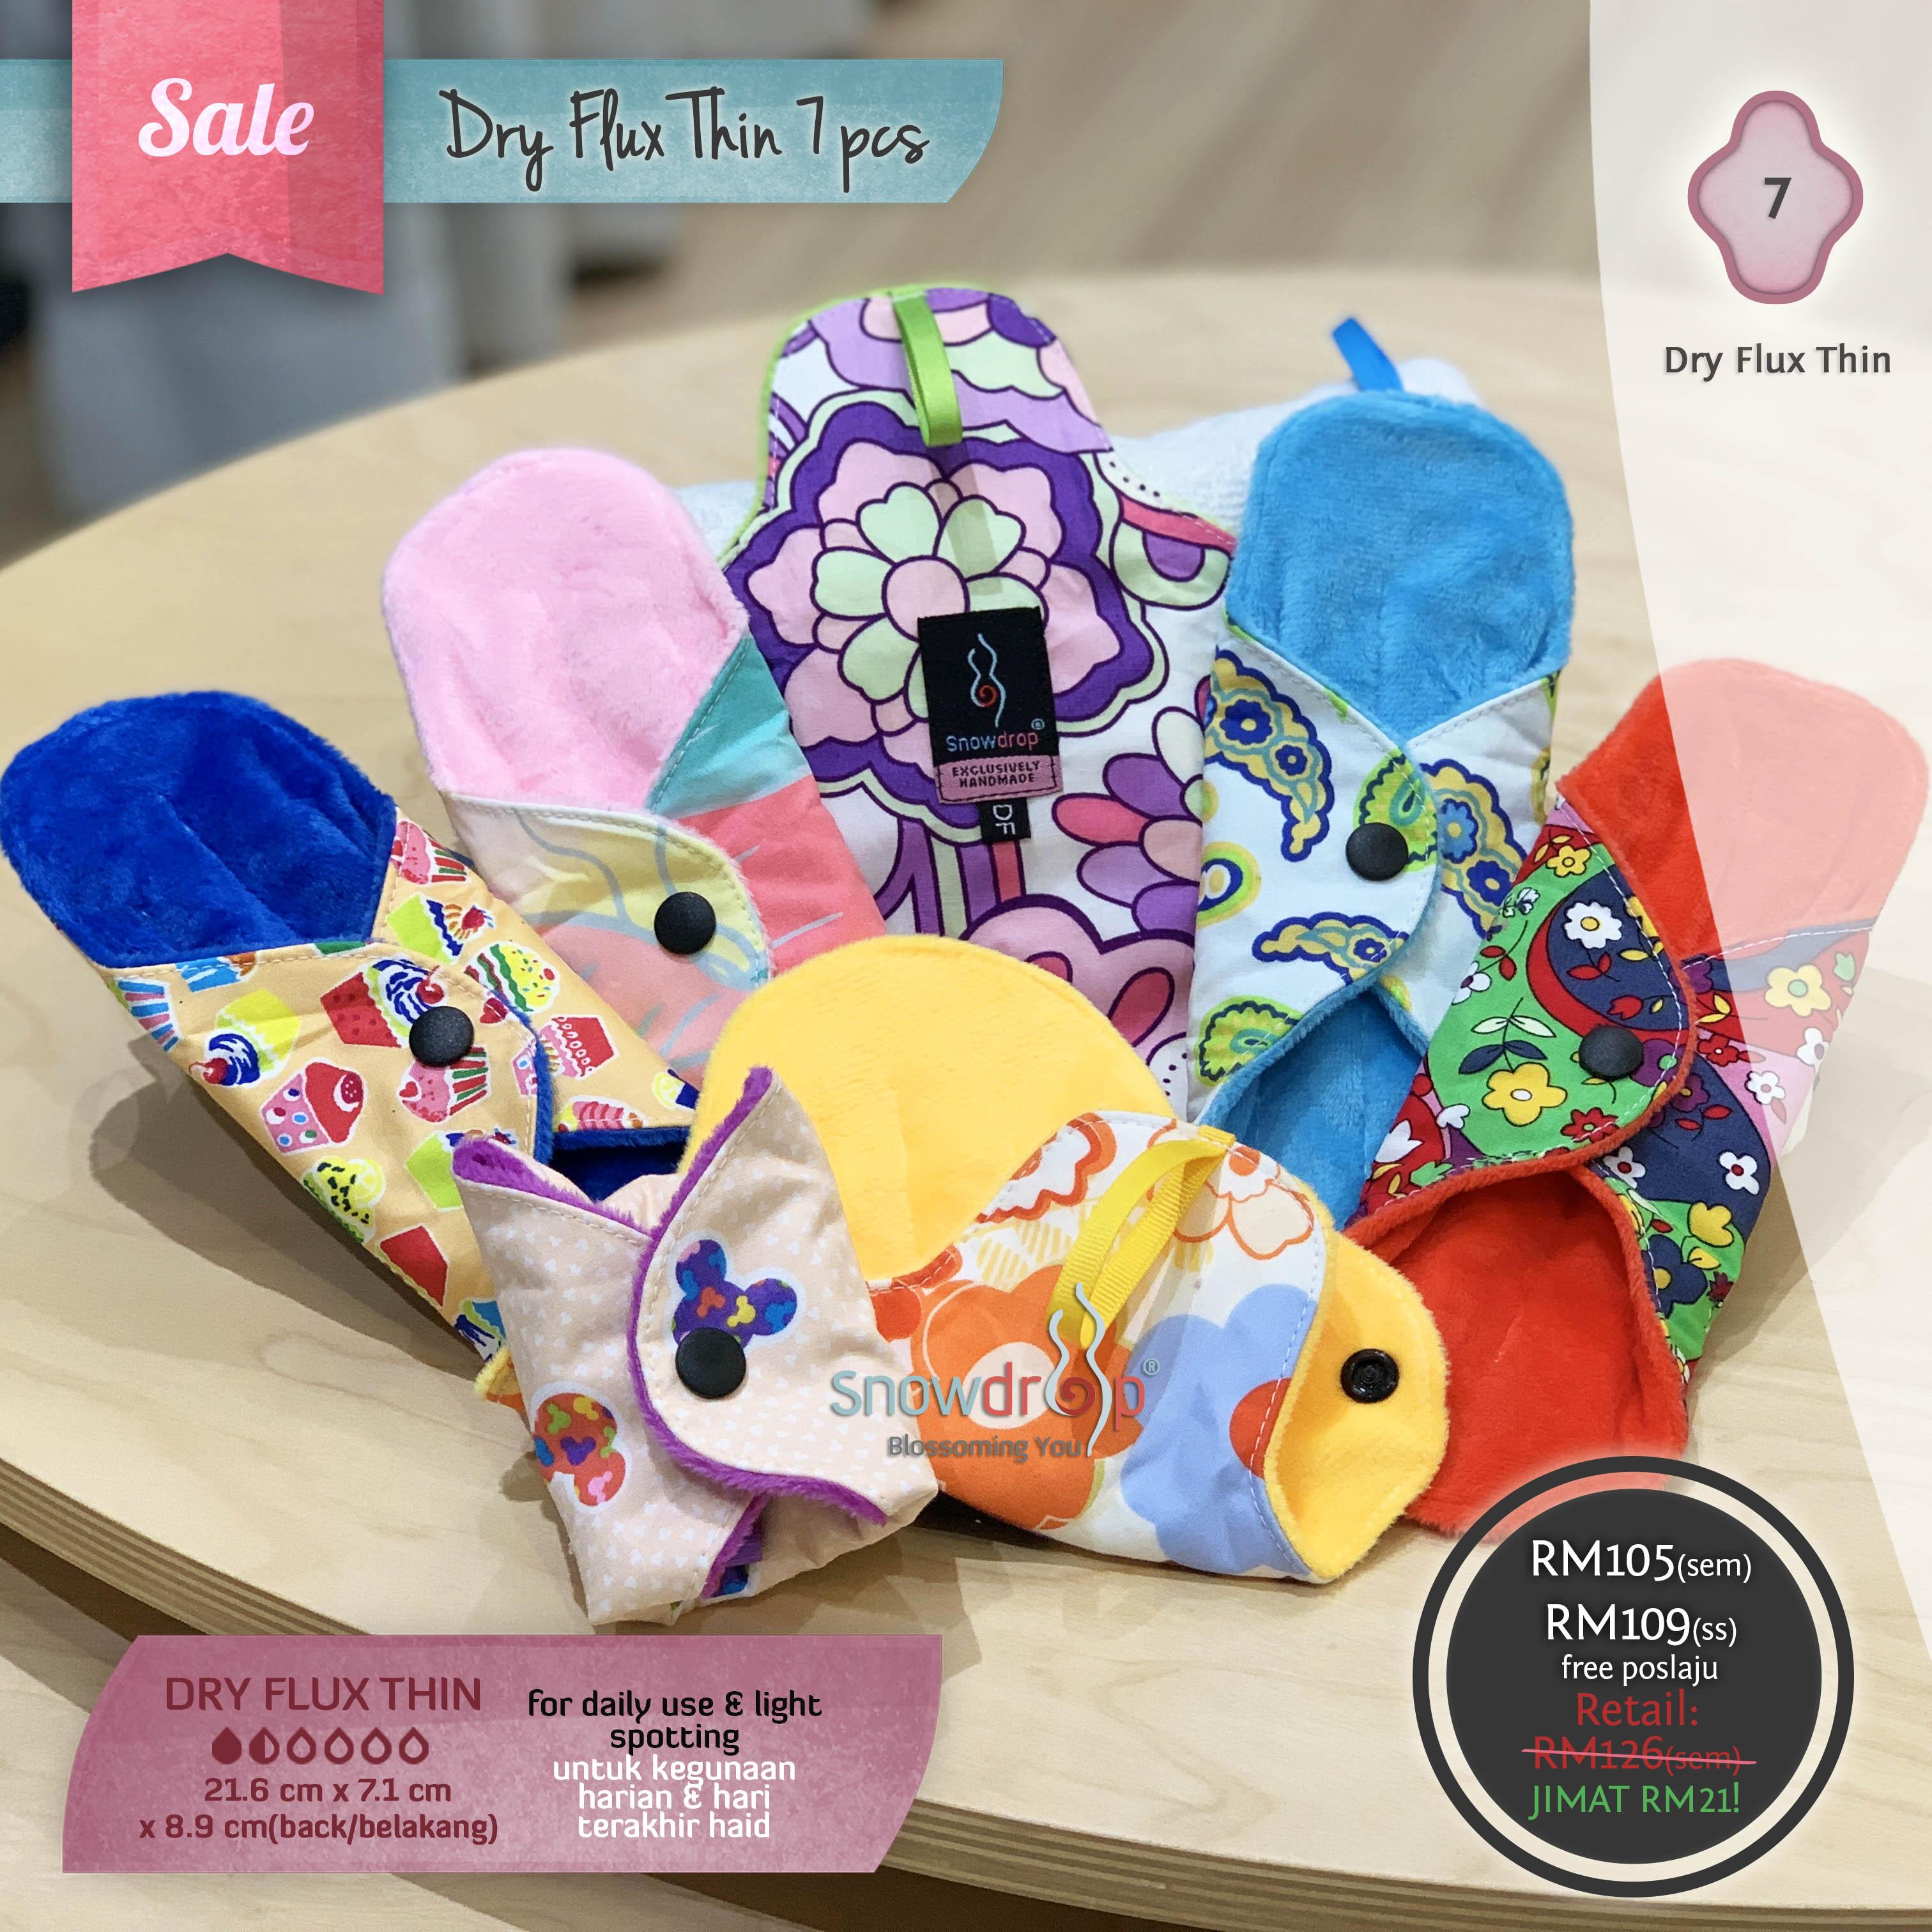 SALE - Dry Flux Thin 7 pieces Set